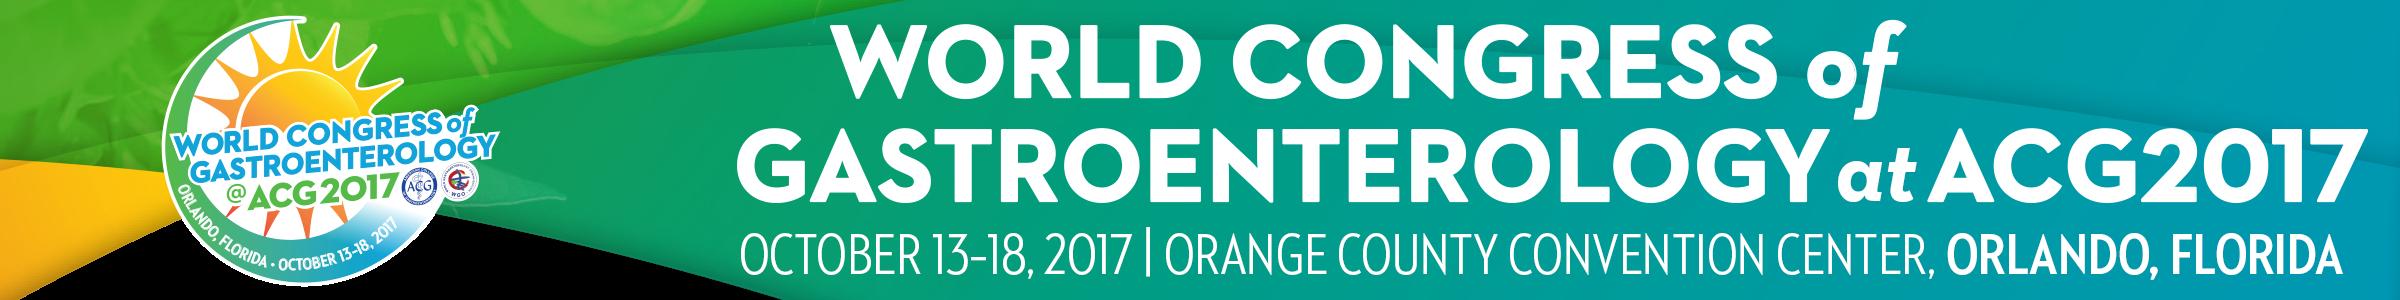 World Congress of Gastroenterology at ACG2017